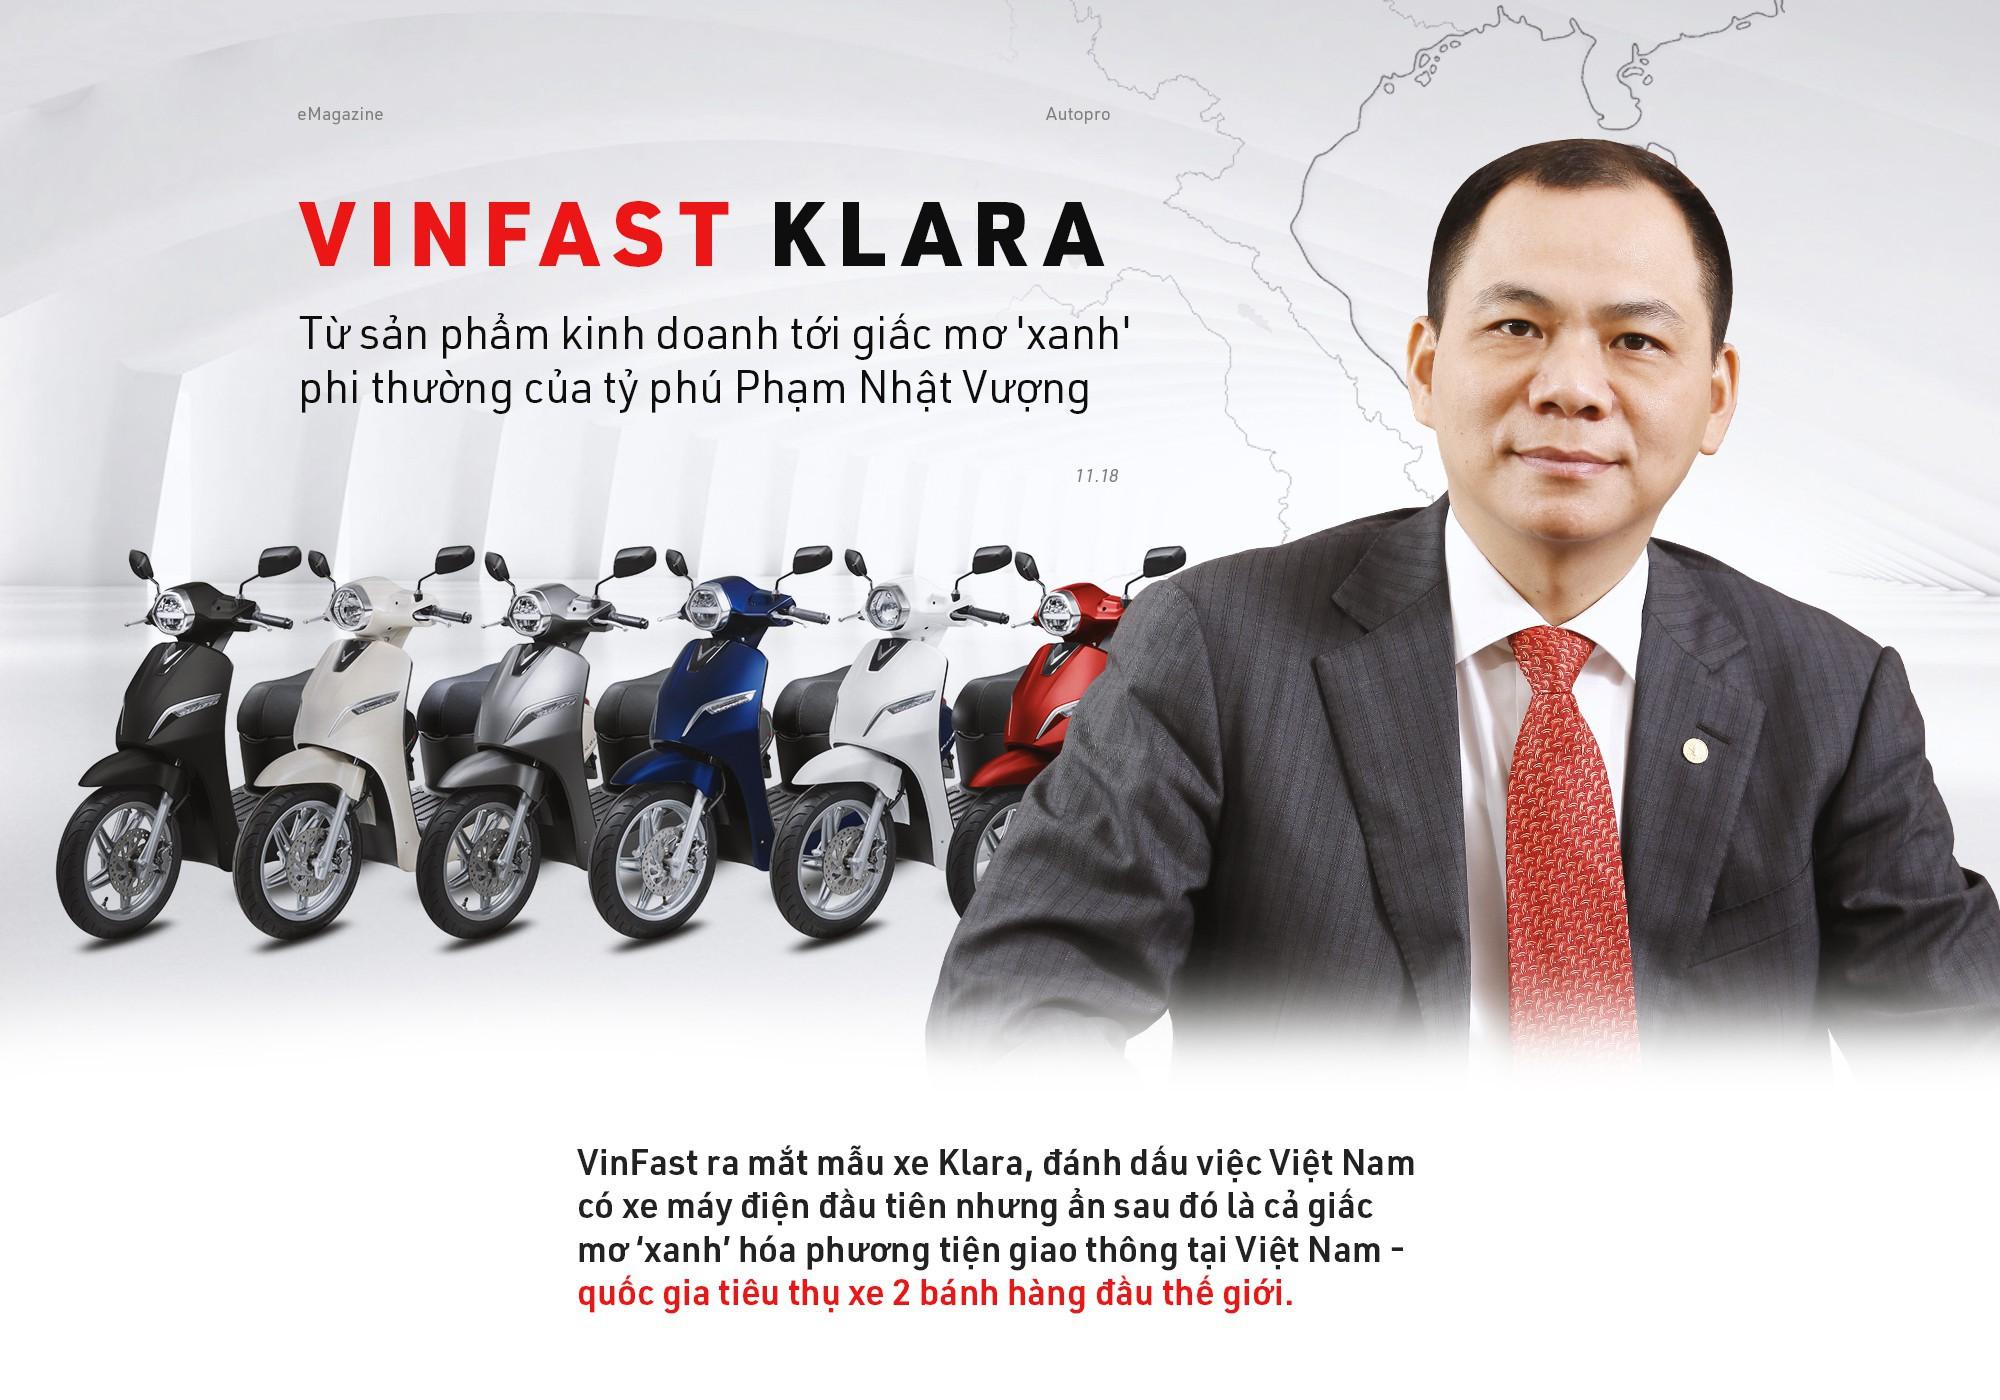 VinFast, Vingroup, tin8, hãng xe, Klara, Phạm Nhật Vượng, ước mơ xanh